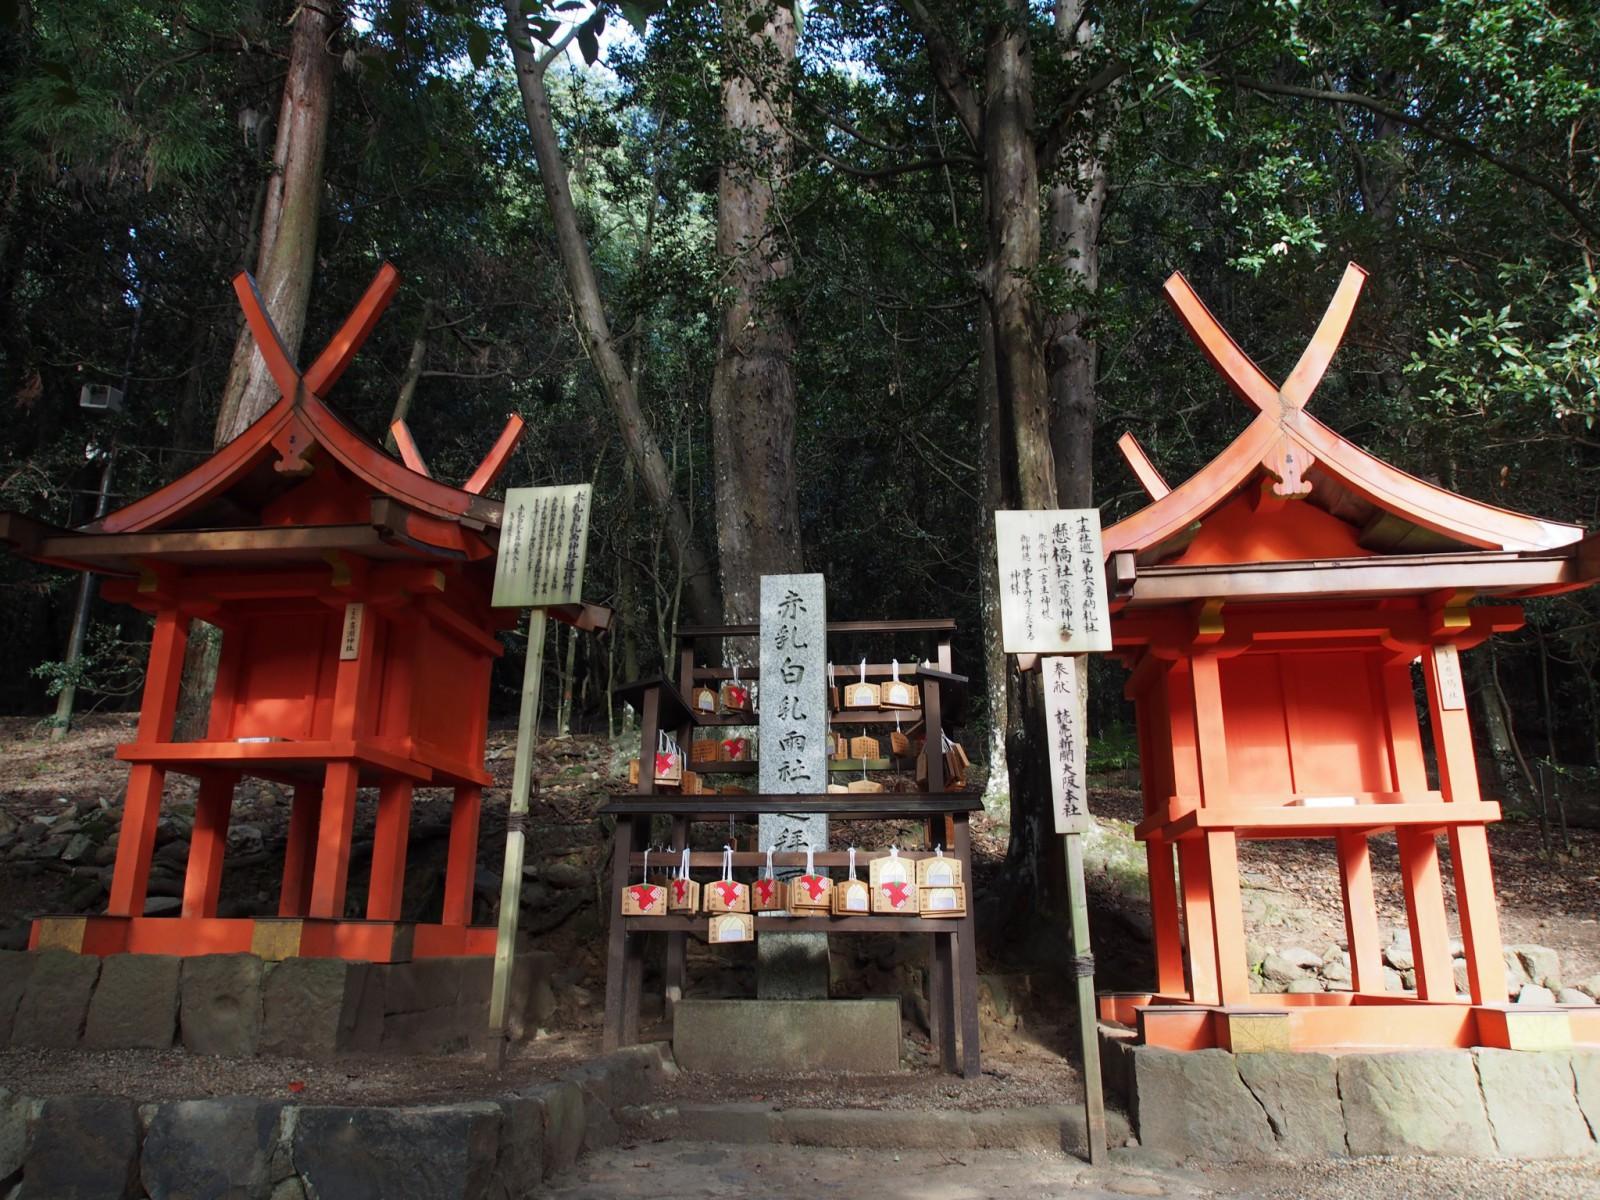 春日大社の「廣瀬神社」と「葛城神社」